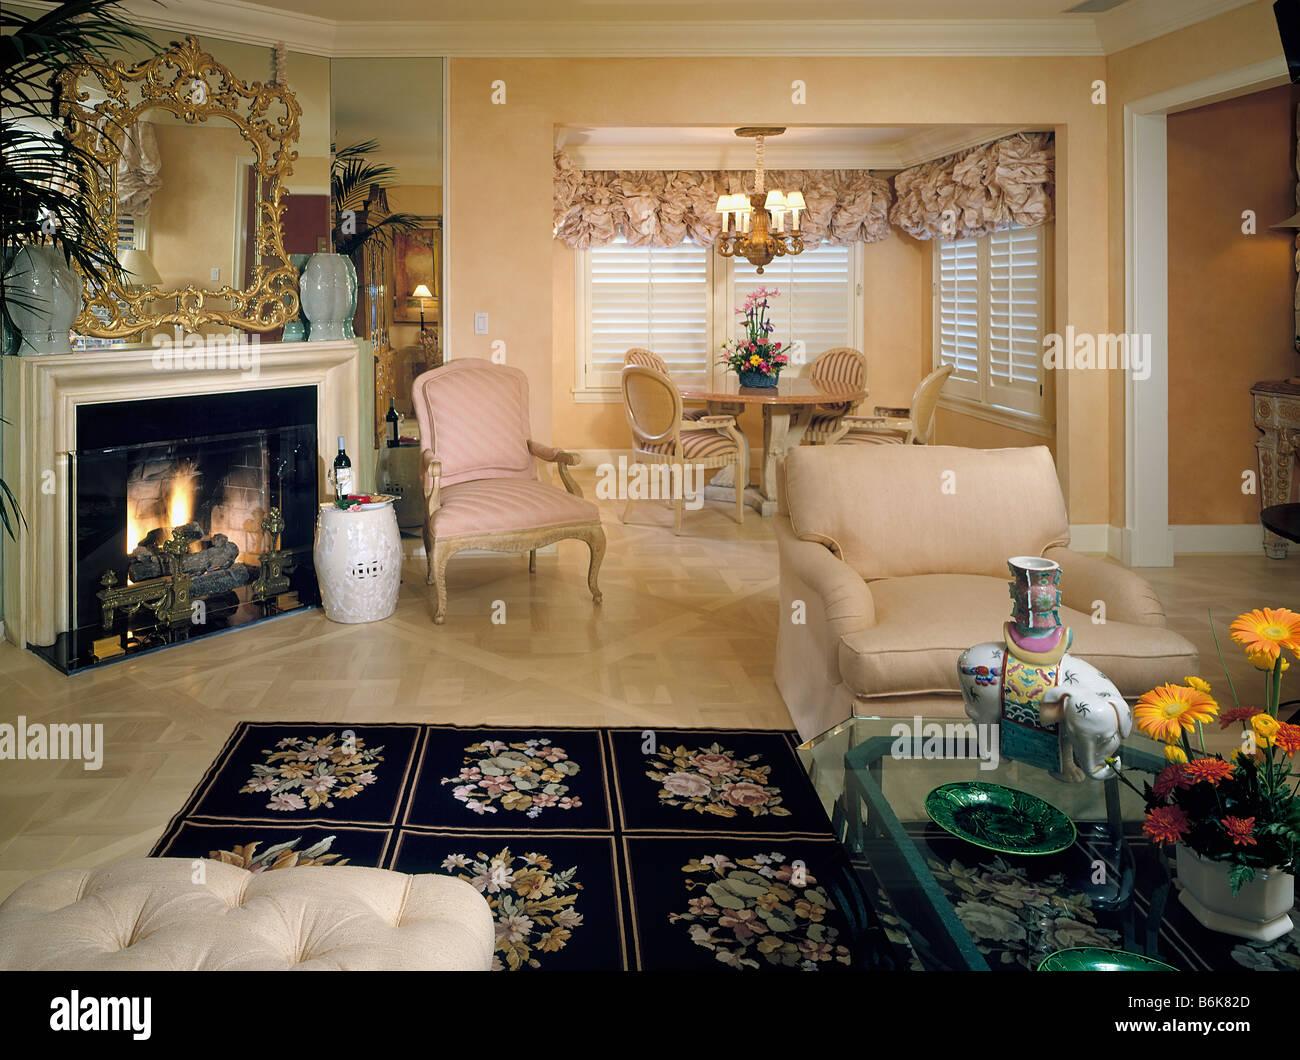 Marvelous Beverly Hills Hotel Bungalow, Kalifornien Architektur Innenarchitektur  Resort Luxus Hotel Bungalow Haus, Kamin, Stilvolle